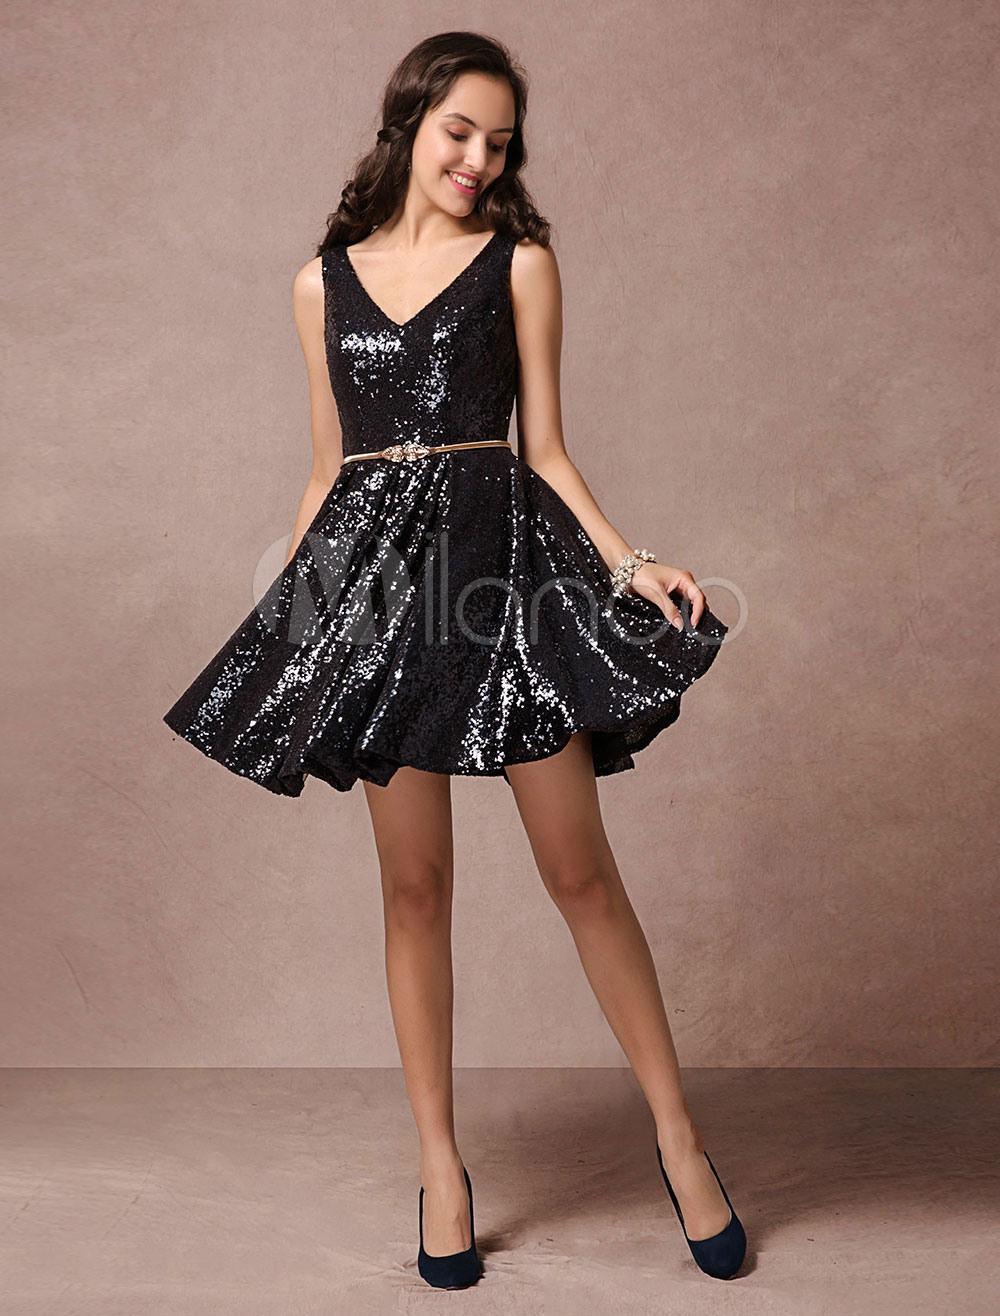 Spektakulär Kleines Schwarzes Kleid Cocktailkleid Abend SpezialgebietDesigner Elegant Kleines Schwarzes Kleid Cocktailkleid Abend Vertrieb